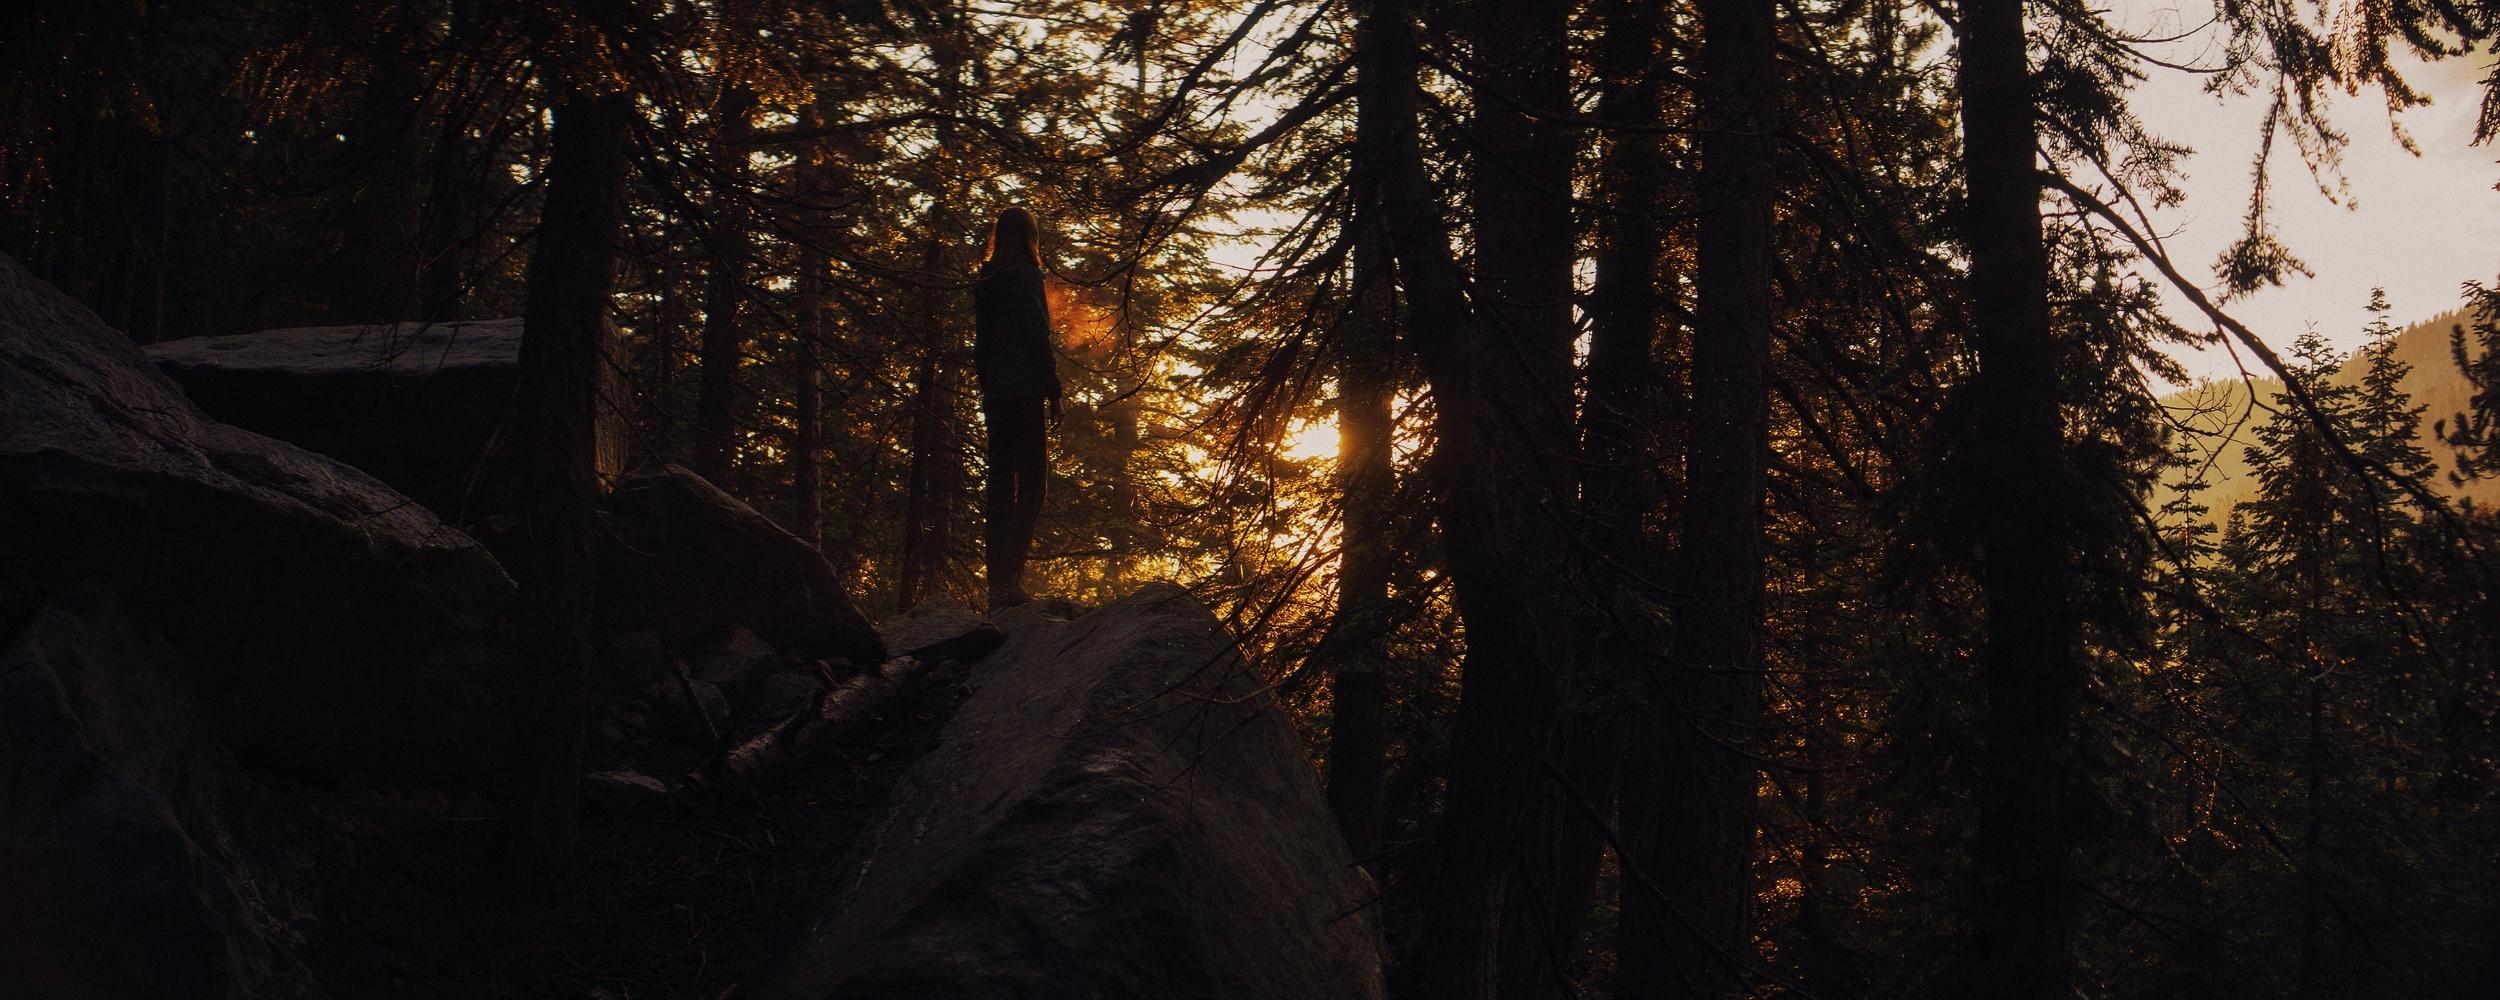 cali camping-5.jpg